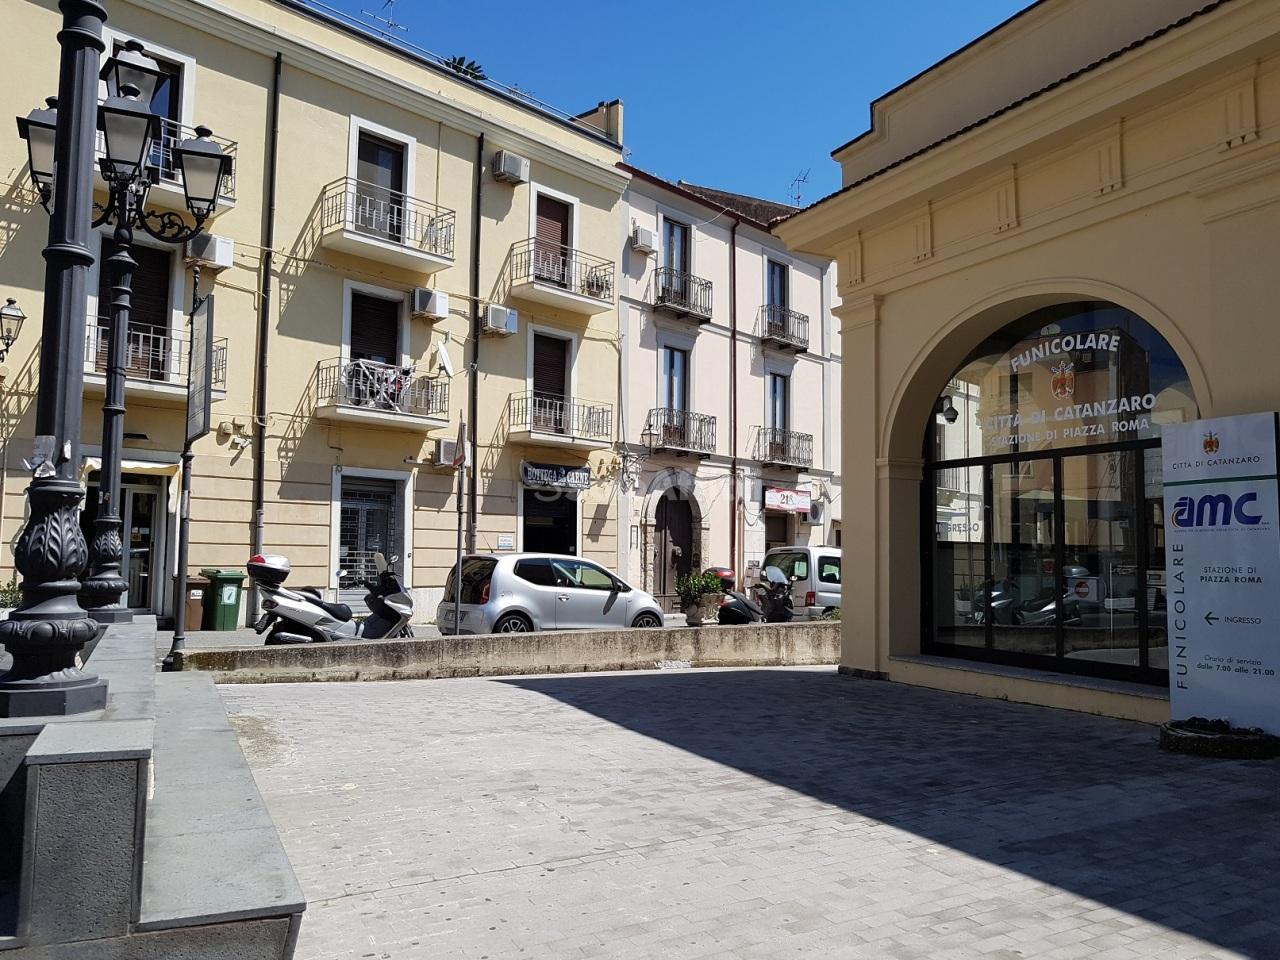 Fondo/negozio - 1 vetrina/luce a Centro storico, Catanzaro